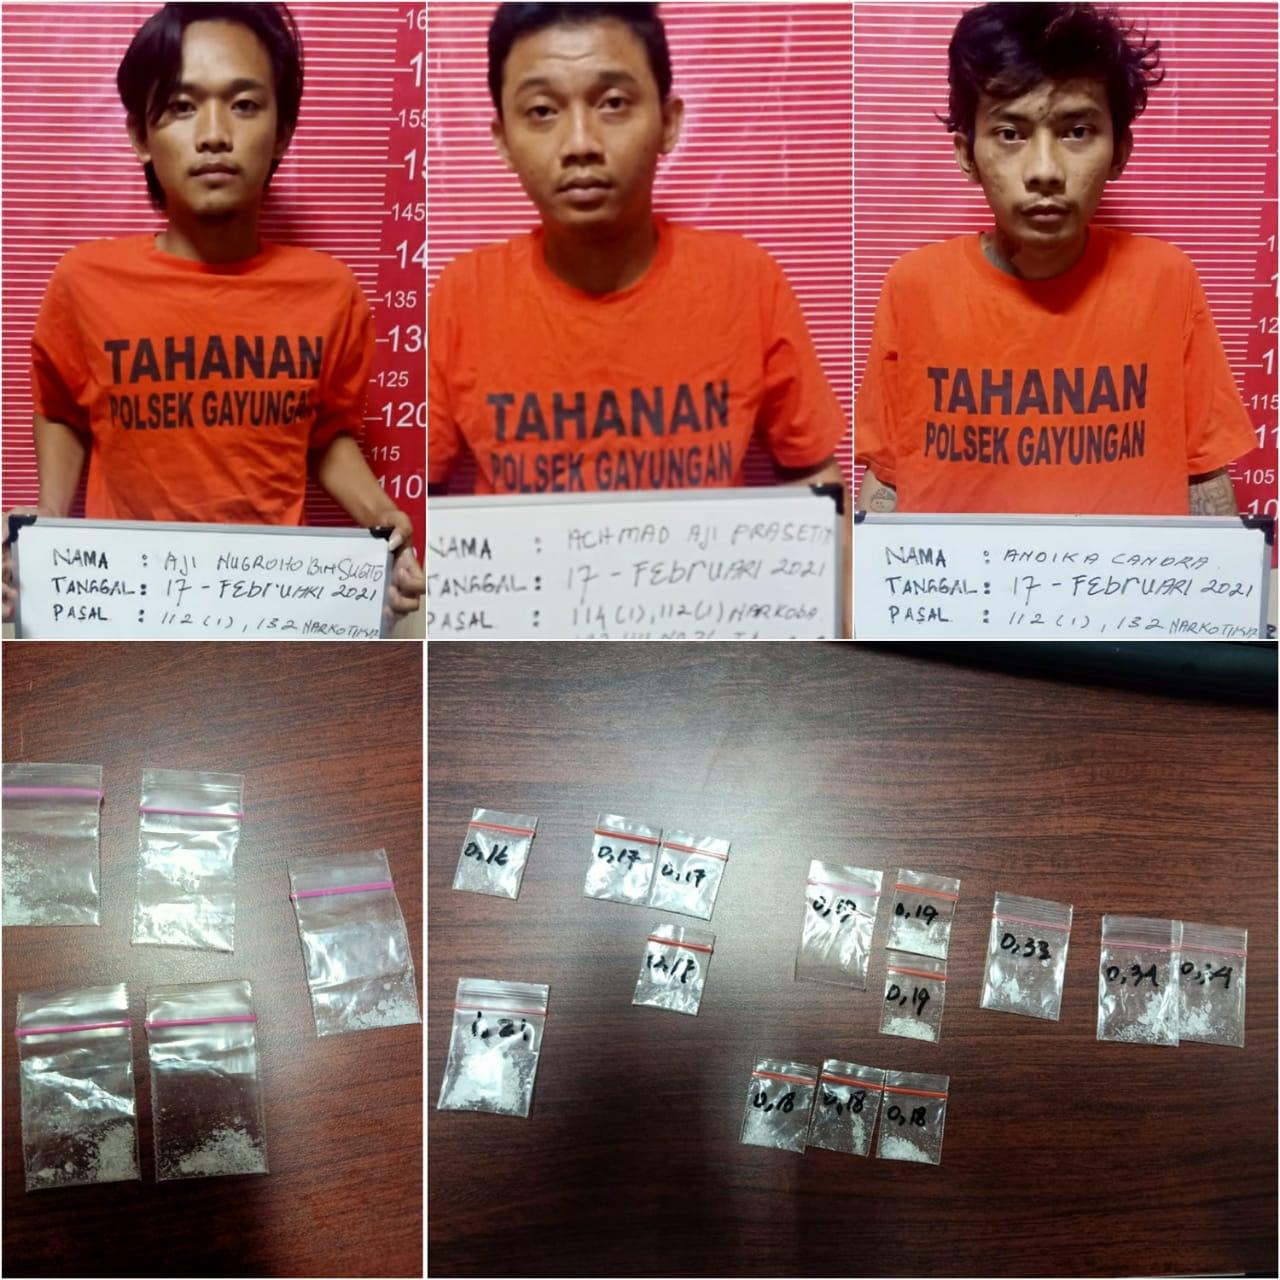 Tangkap Seorang Bandar Sabu, Polisi Juga Dapati Dua Pengguna